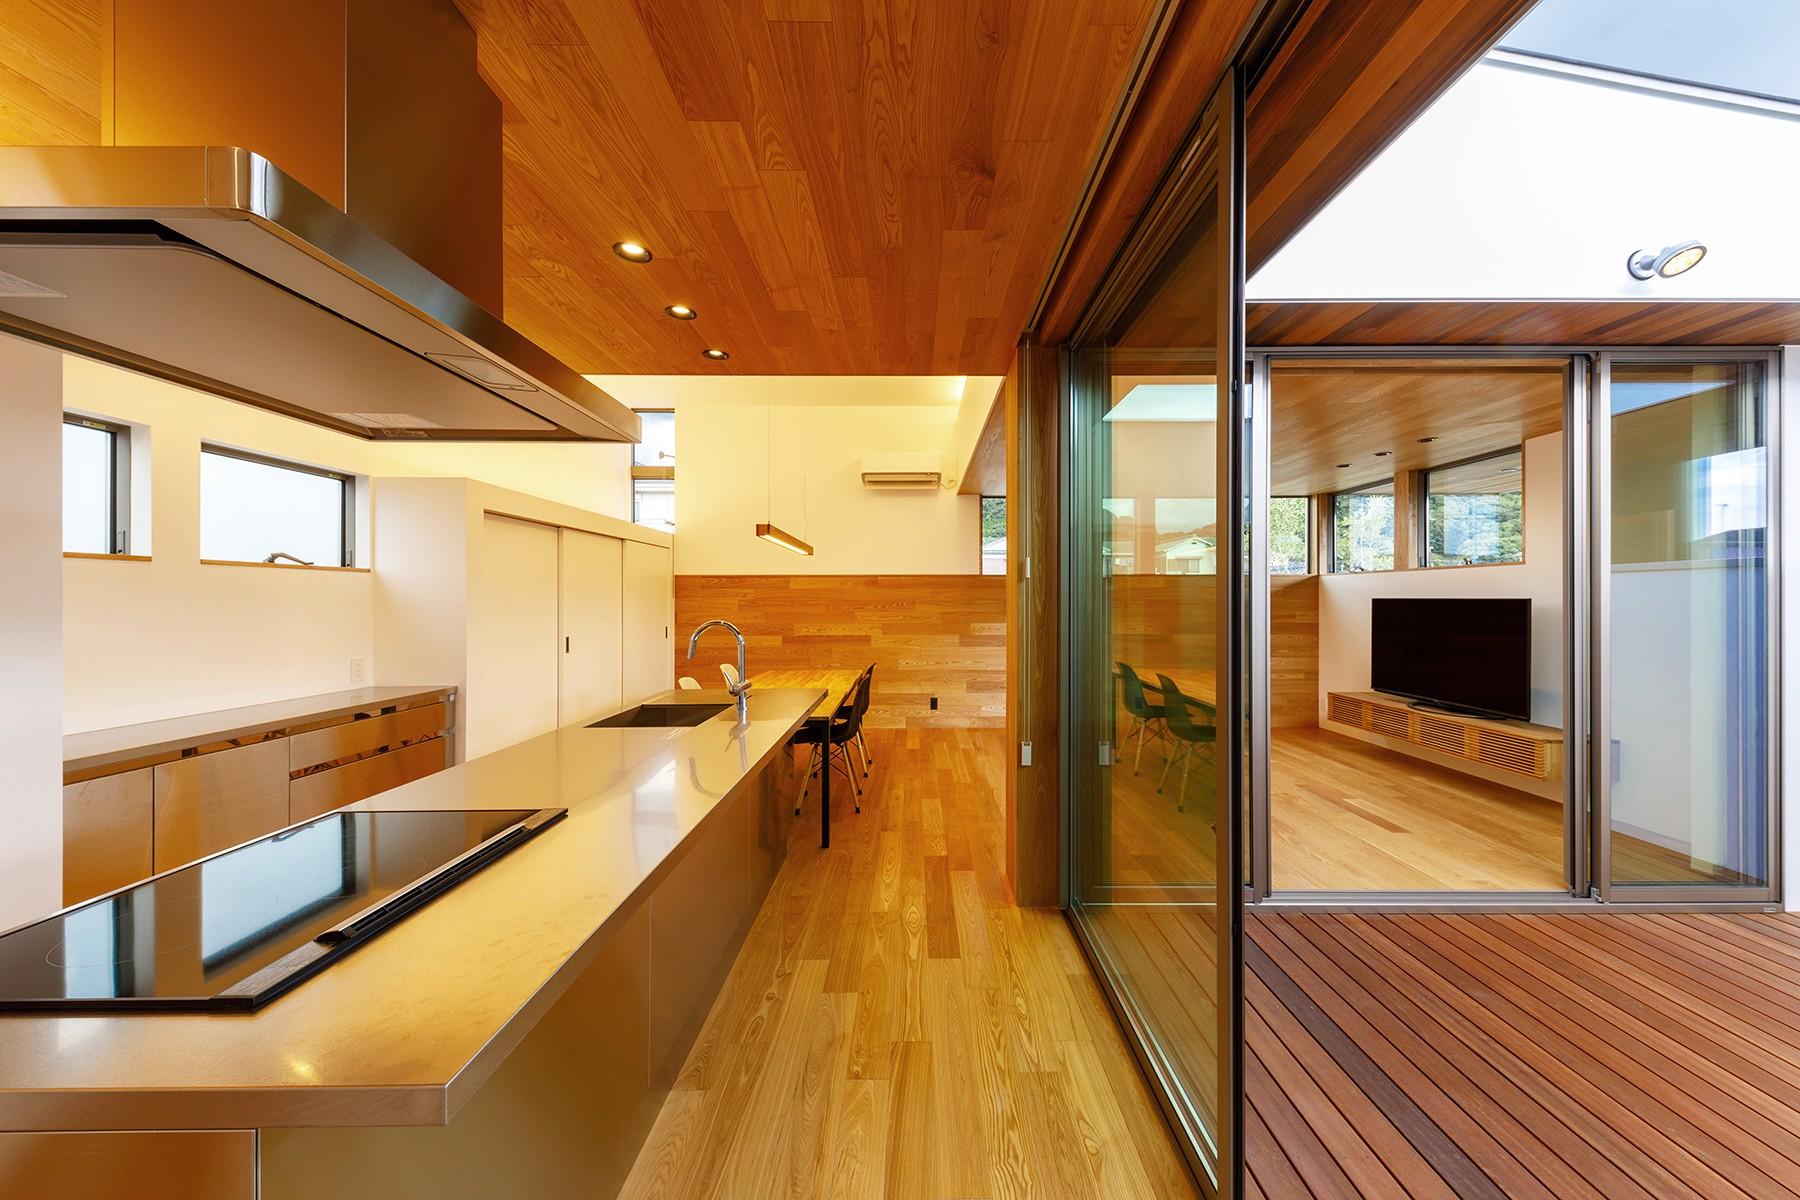 キッチン事例:haus-slit キッチン&中庭(haus-slit / 稜線に沿ったスリットで自然を感じる中庭住宅)